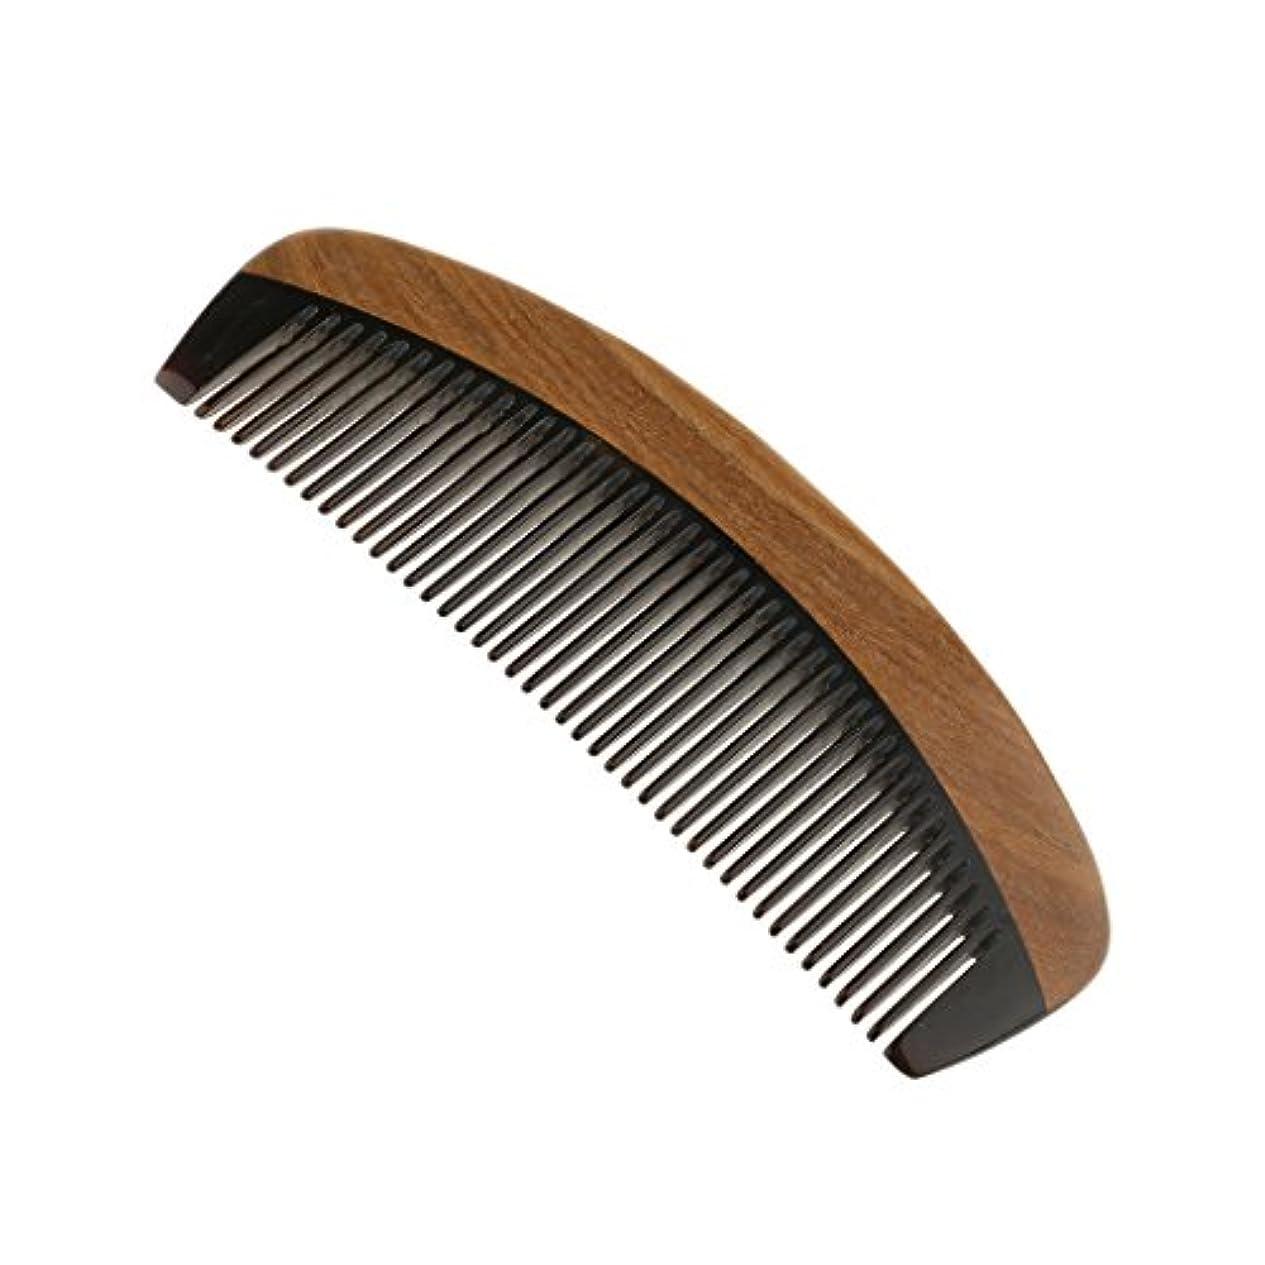 おとこ不満スラックウッドコーム 櫛 木製 ハンドメイド 静電気防止 高品質 マッサージ リラックス 便利